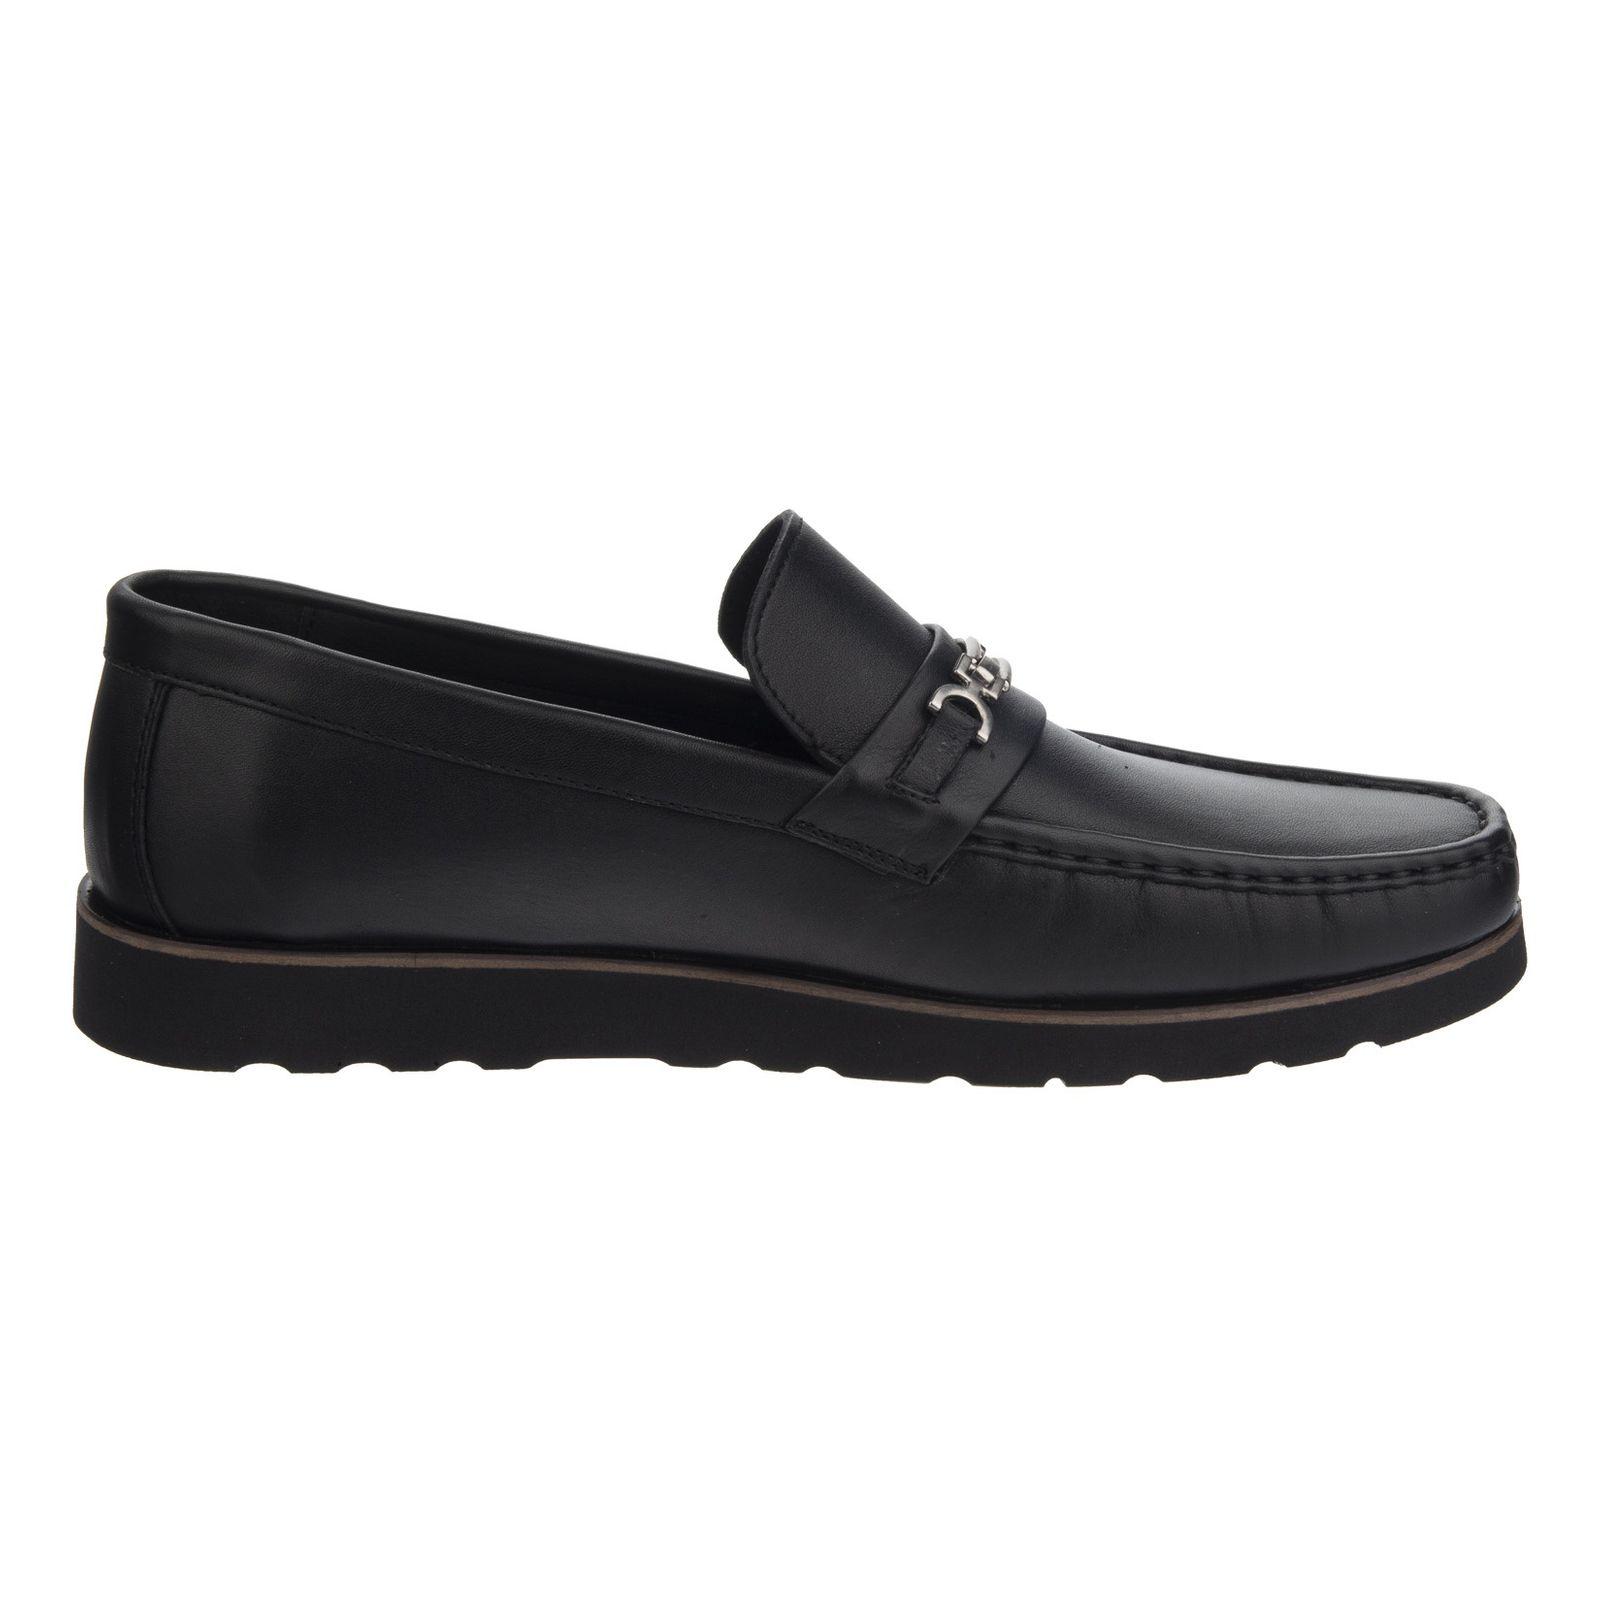 کفش مردانه گاندو مدل 711-99 - مشکی - 5